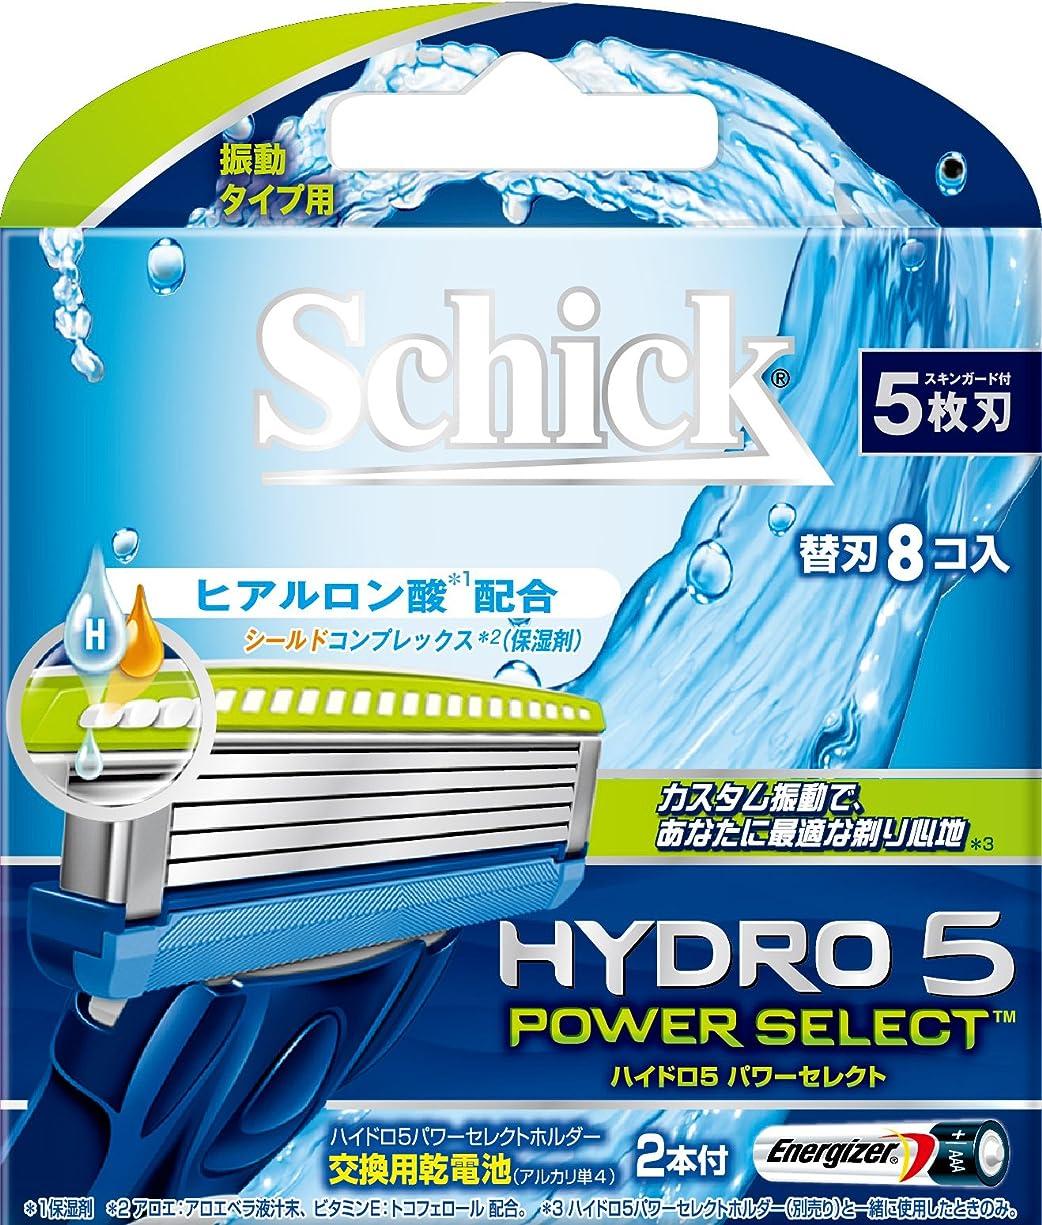 ロシア不均一無数のシック Schick 5枚刃 ハイドロ5 パワーセレクト 替刃 (8コ入)